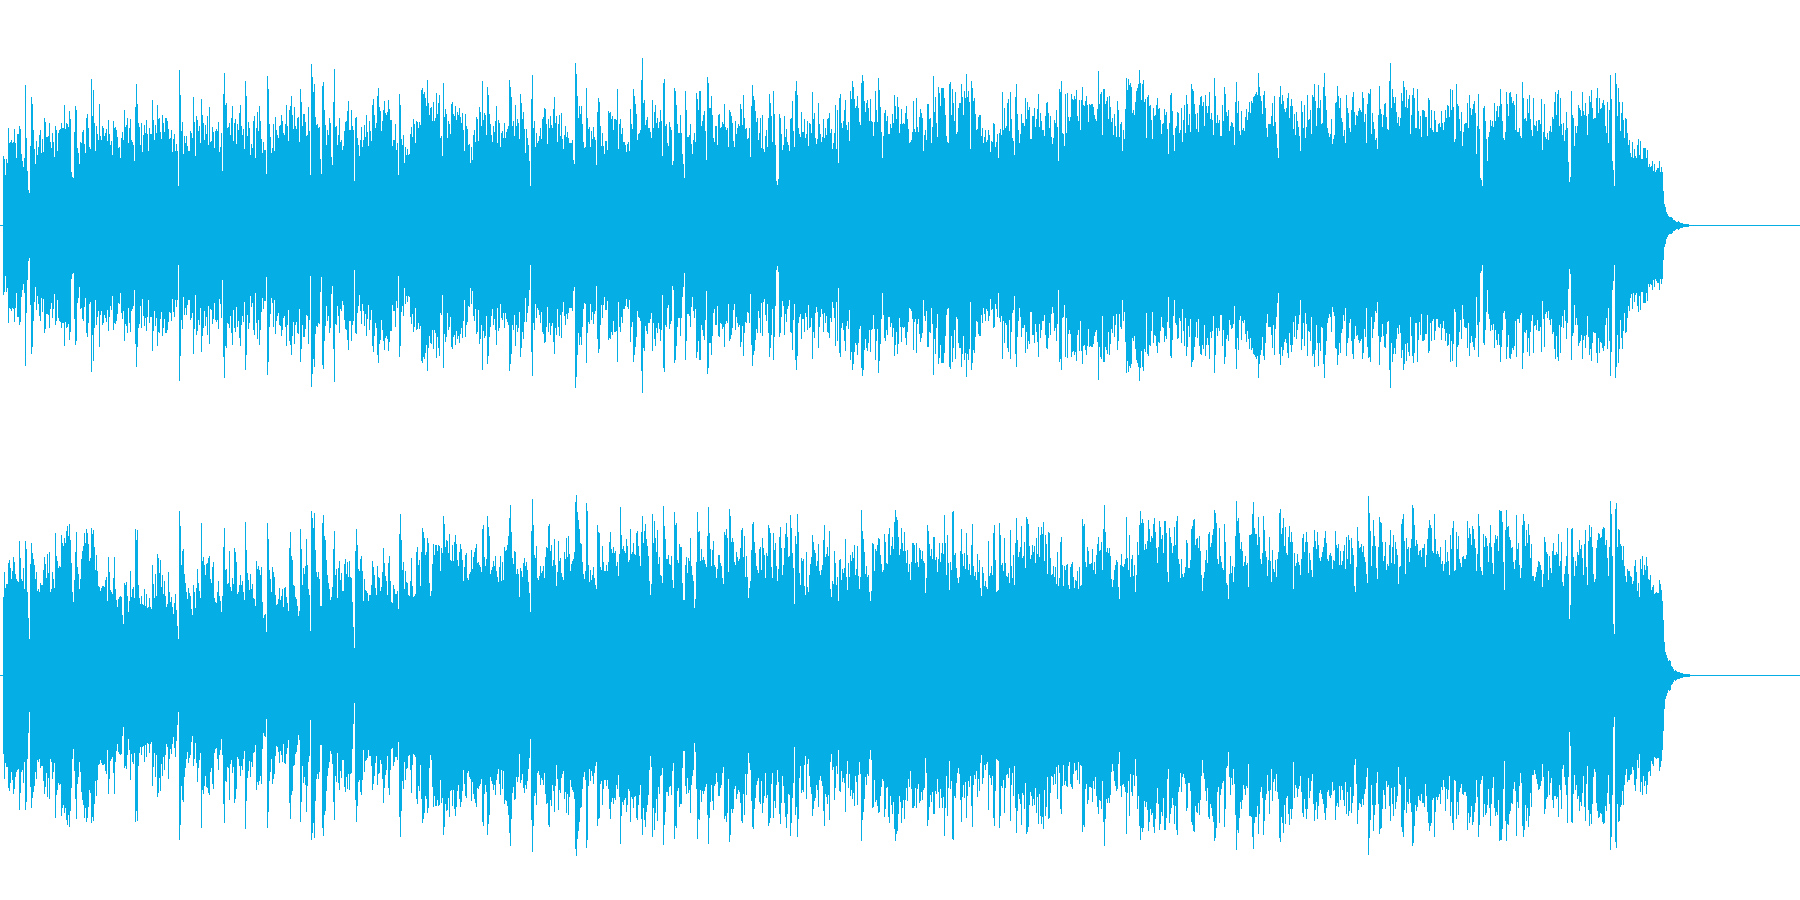 のどかで牧歌的なポップ・フォークの再生済みの波形